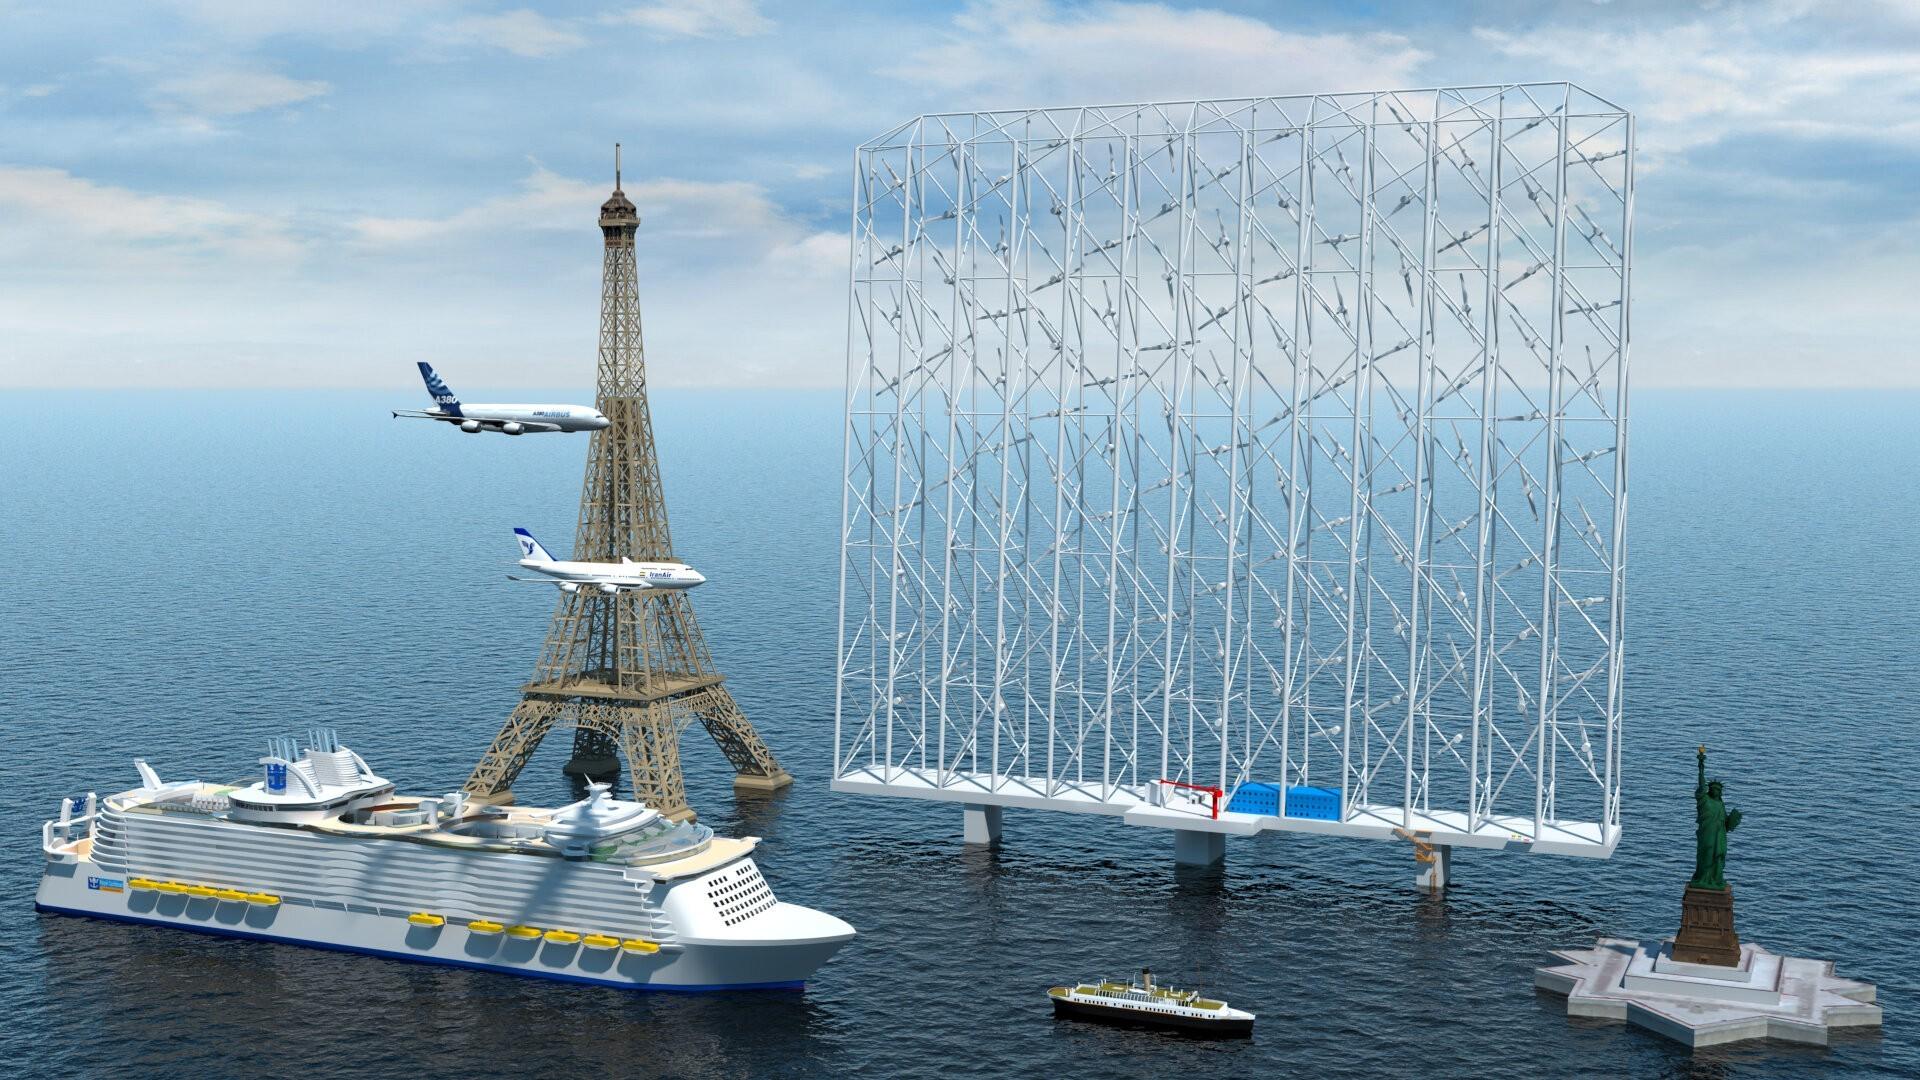 Le système «Wind Catching» se compose d'un grand cadre de 350 m de large avec plusieurs éoliennes fixé sur une plateforme en mer.